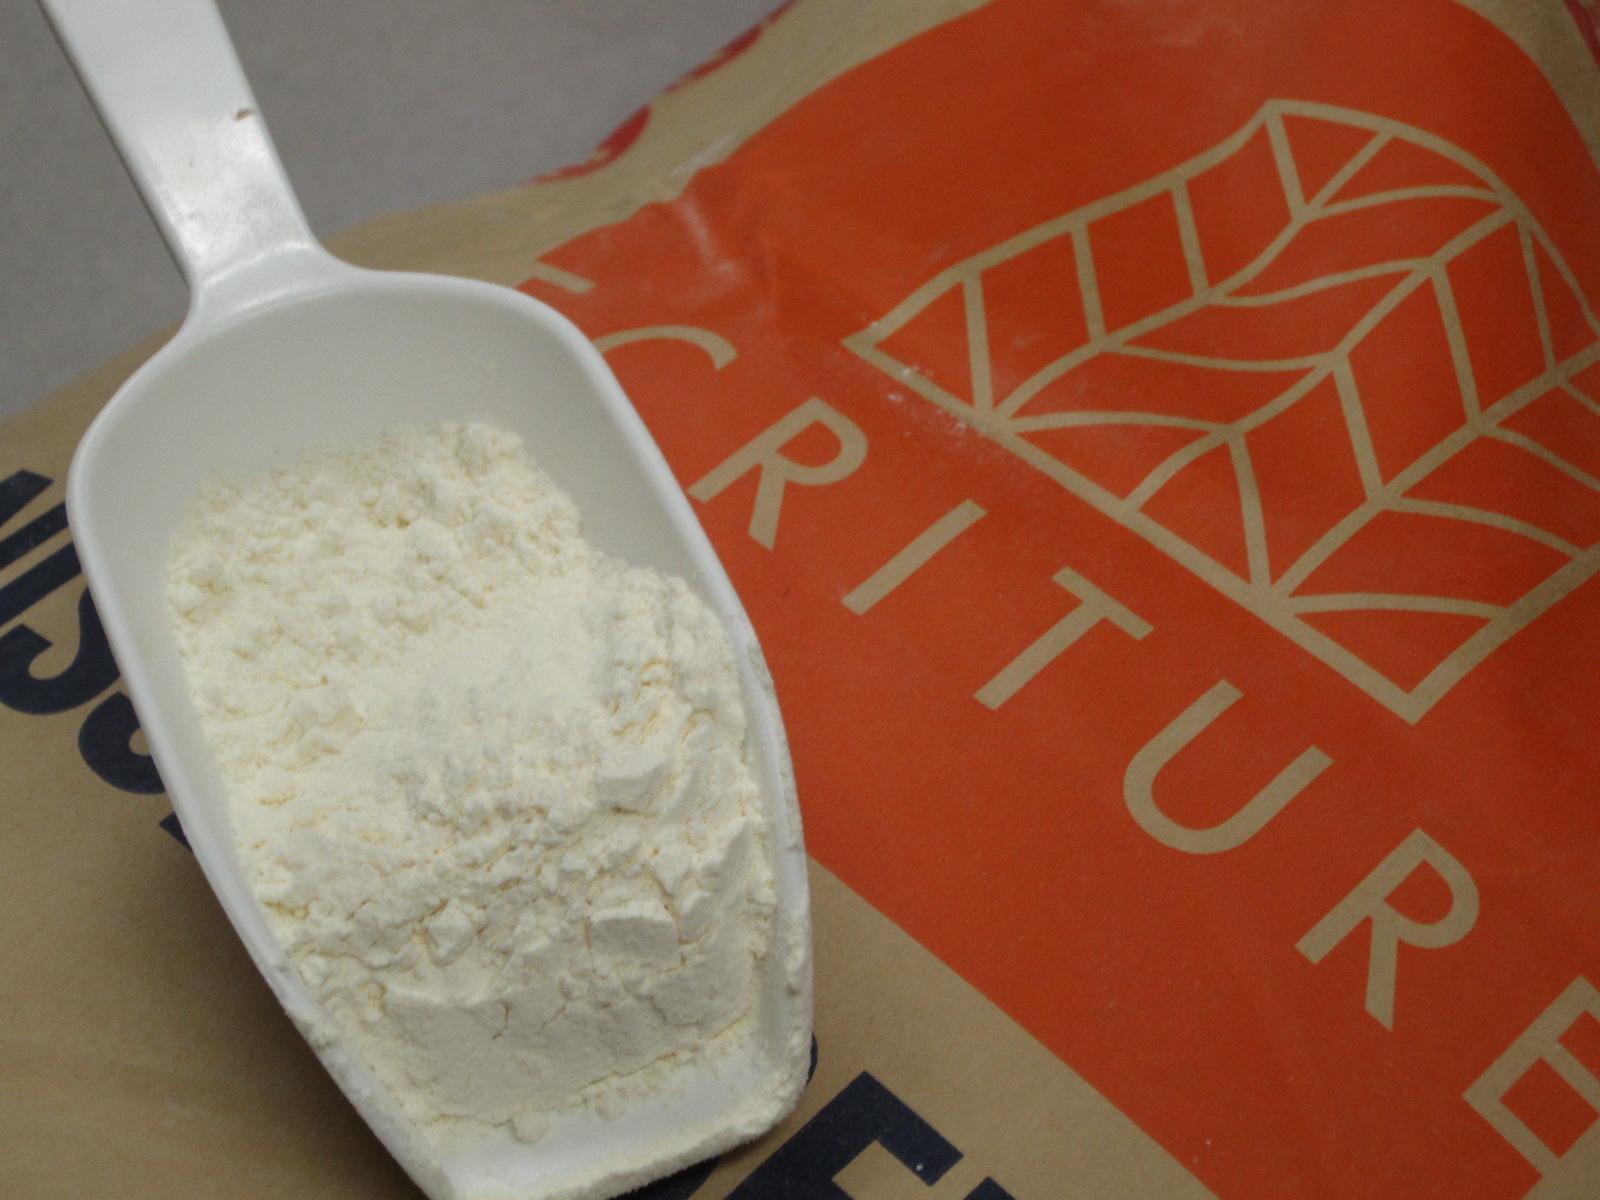 フランス産小麦粉